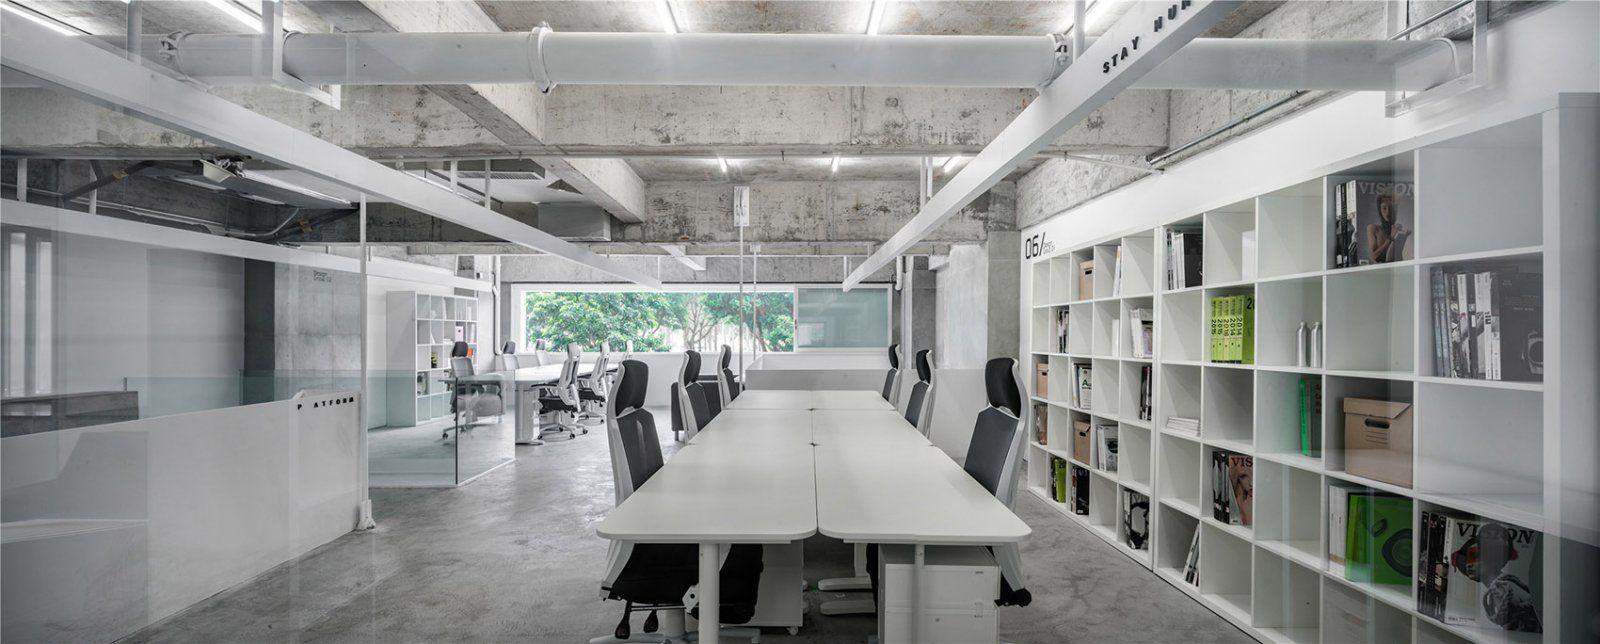 移动的玻璃盒子,广东Edgelab办公空间 | Edgelab边界实验工作室|黄智武、何钢荣 - 11